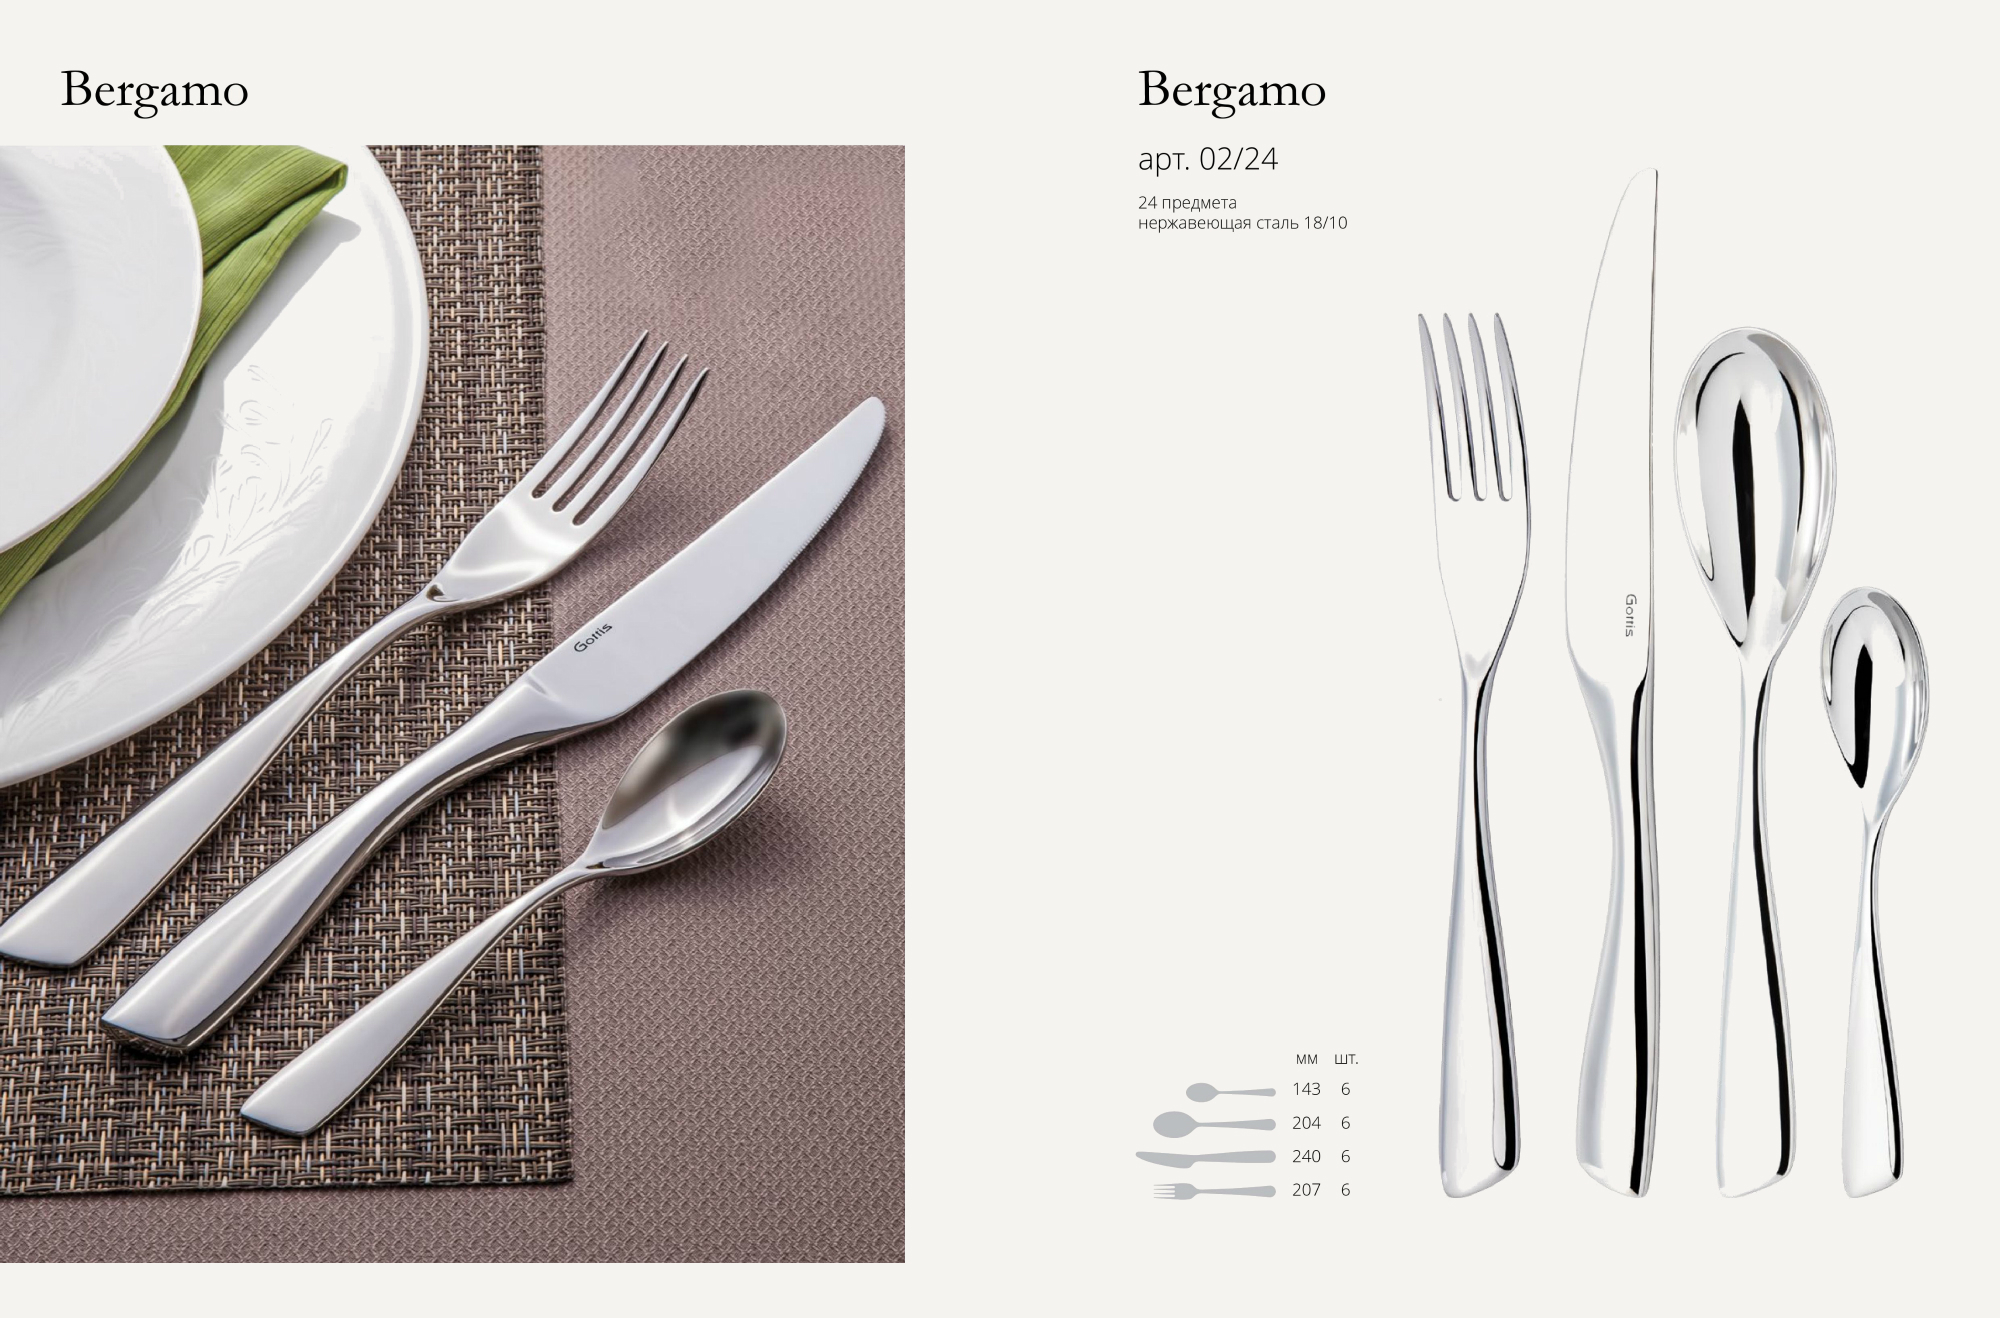 """Набор столовых приборов (24 предмета / 6 персон) Gottis """"Bergamo"""" 02/24"""